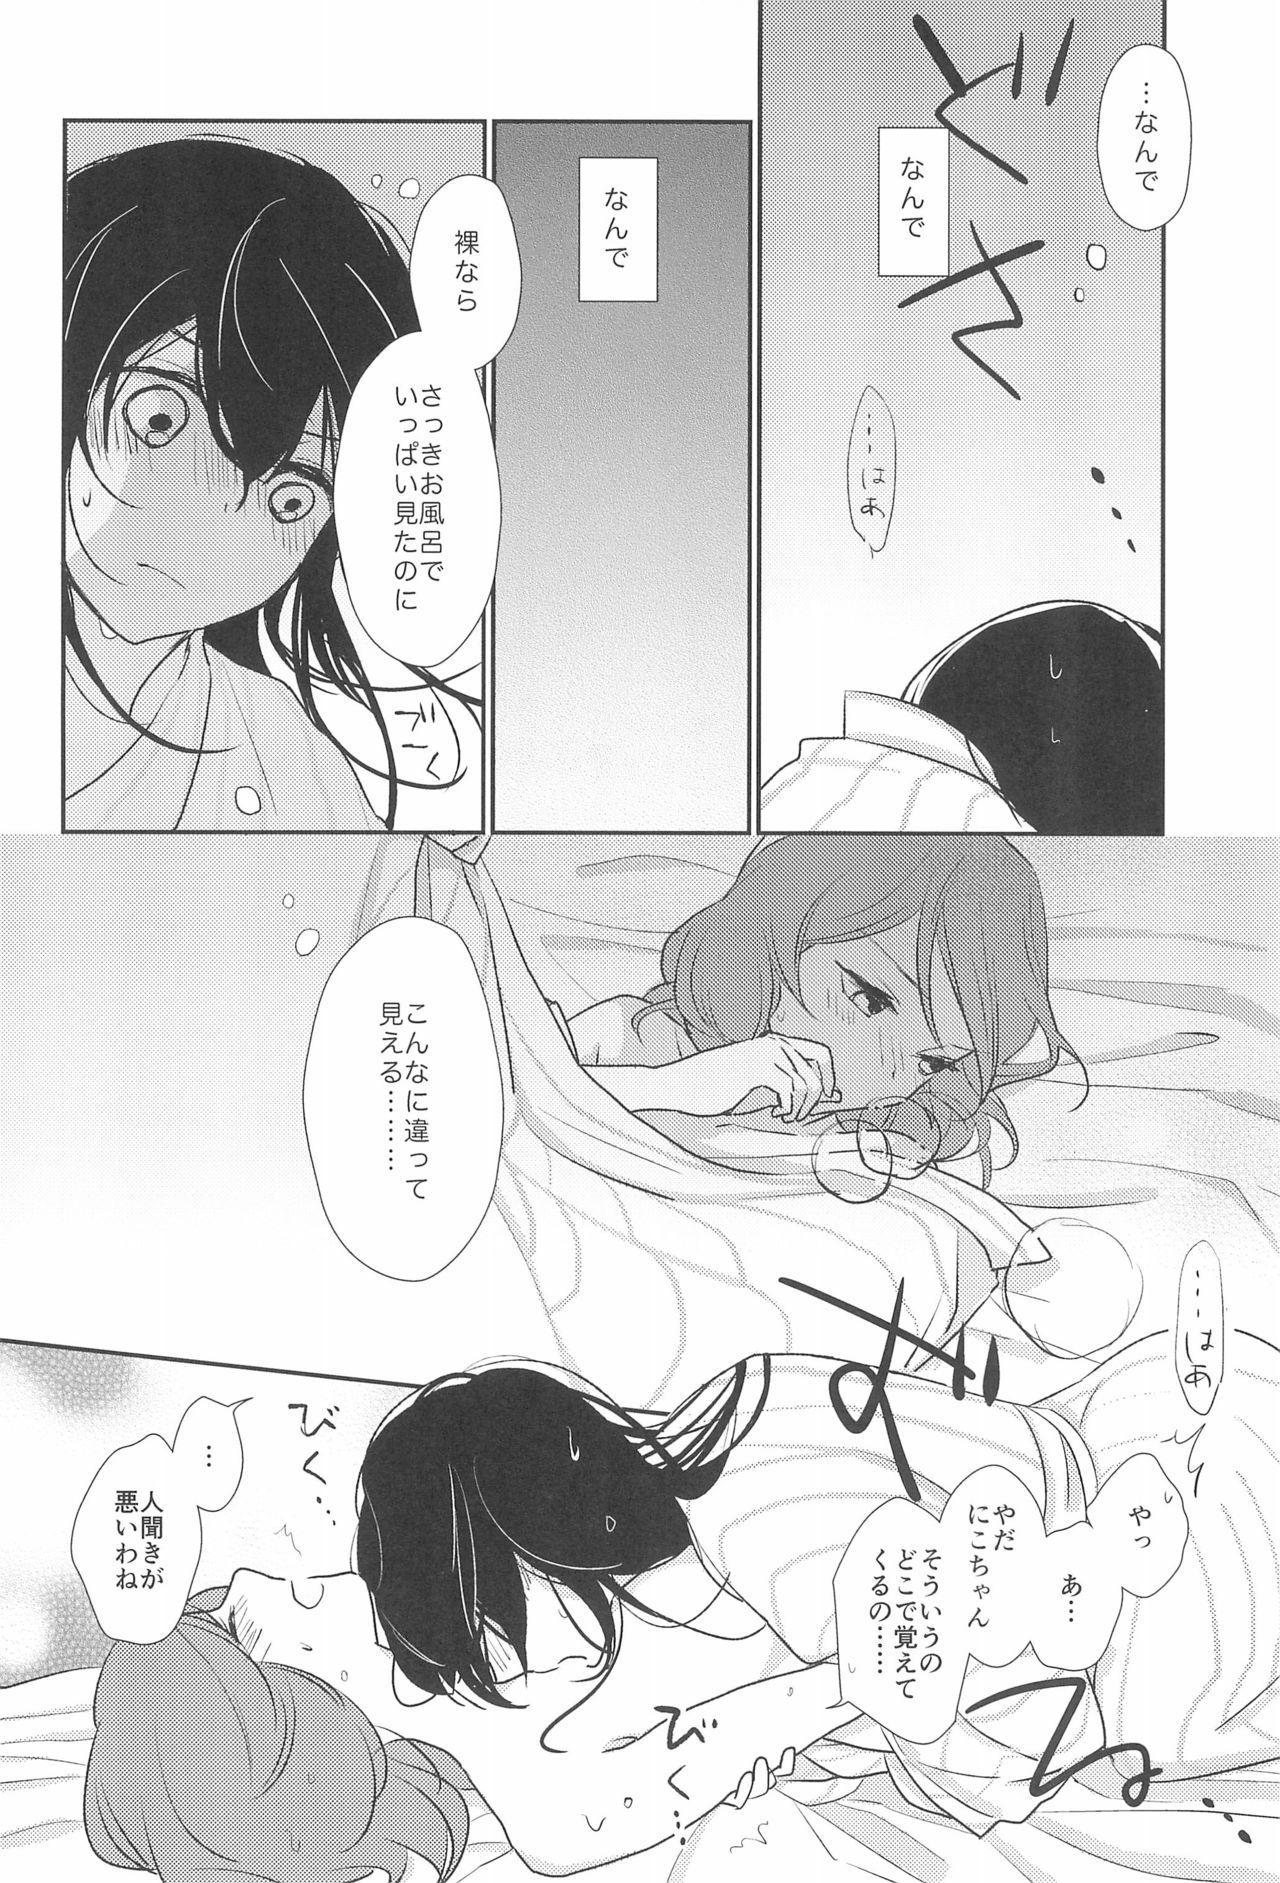 Kimi wo Shiru Tabi 19